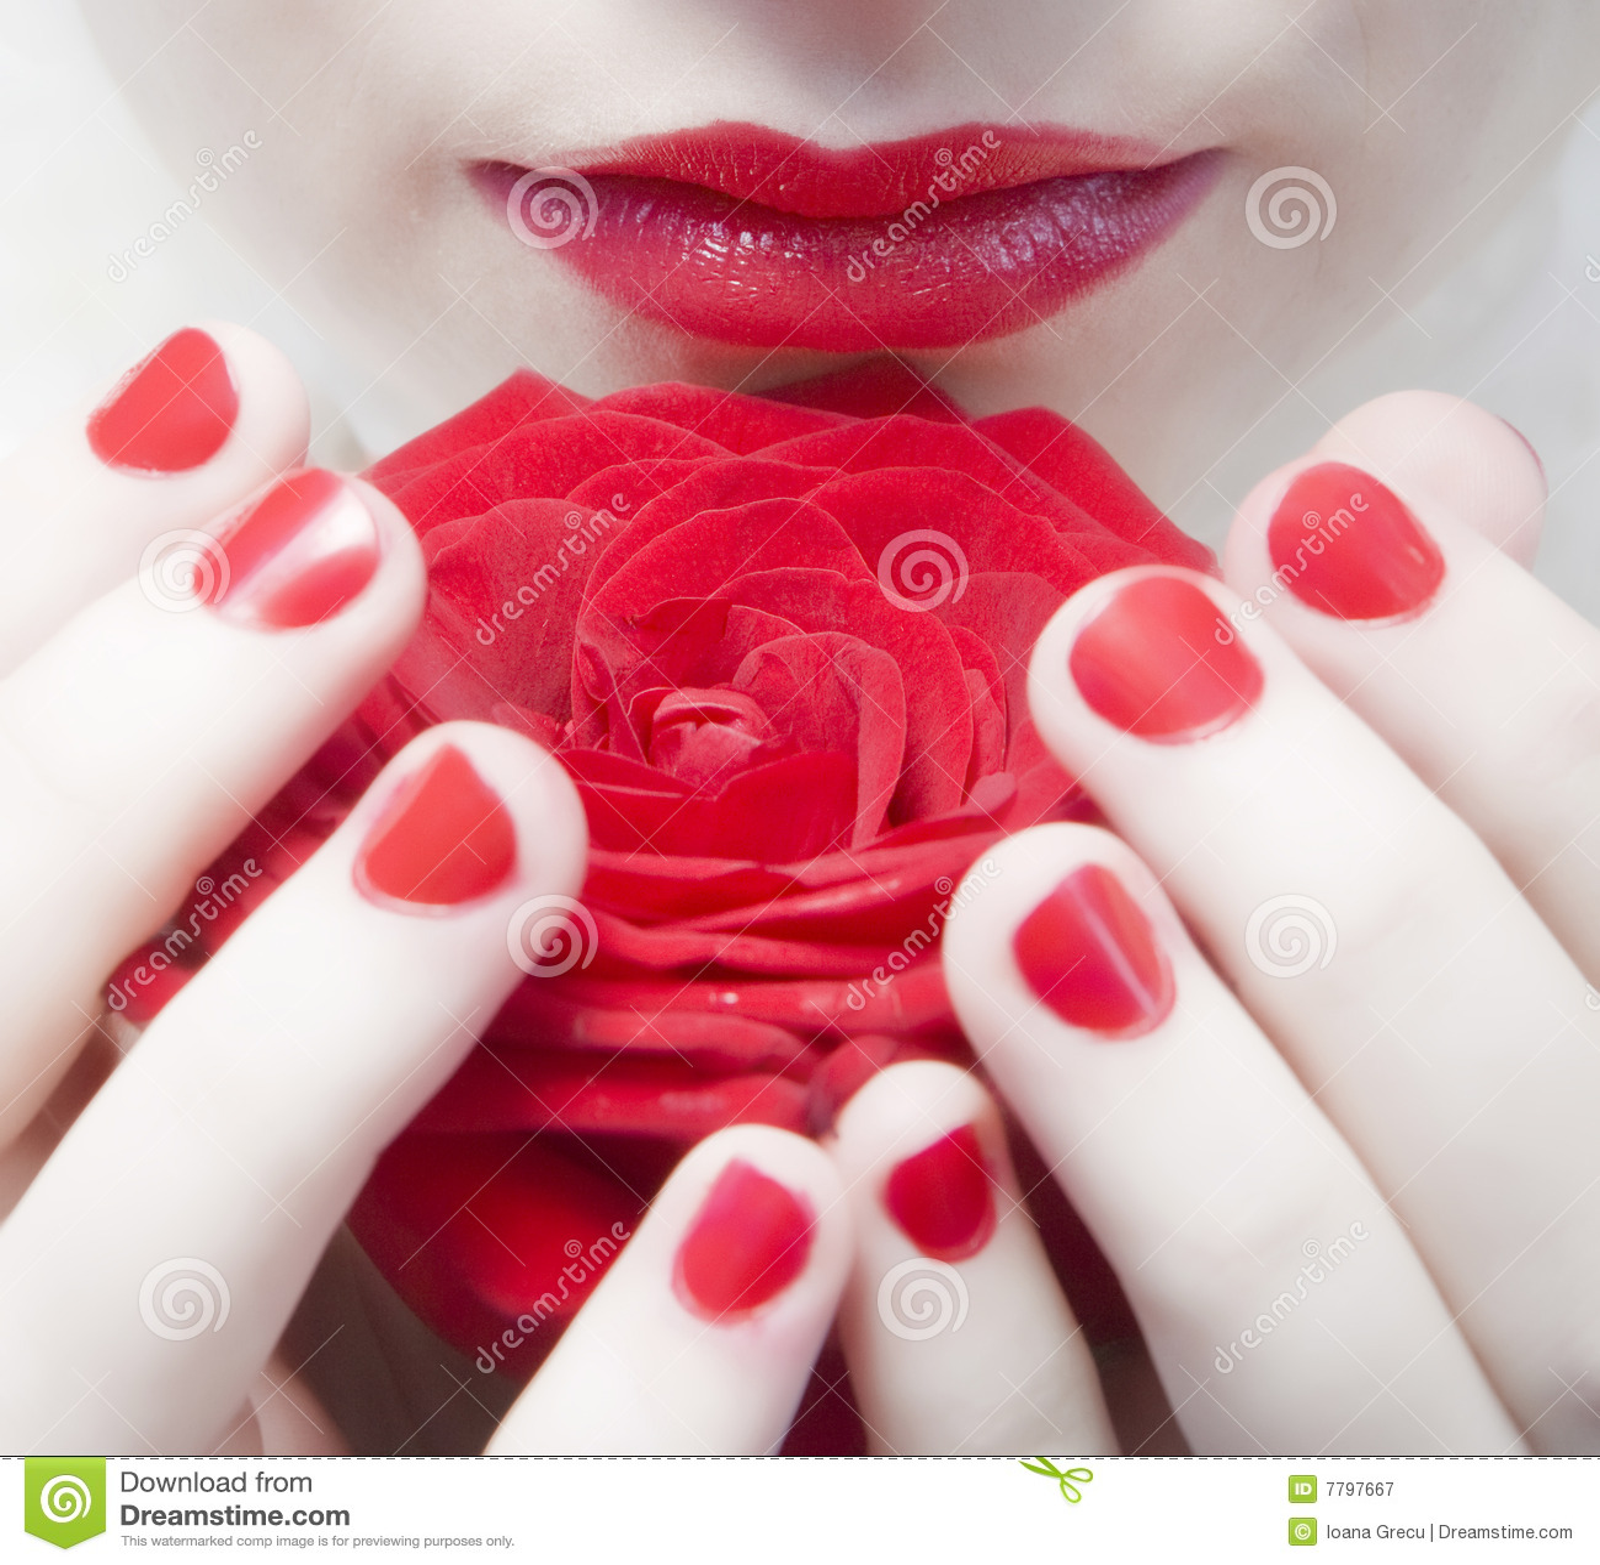 Los labios rojos, clavos y se levantaron